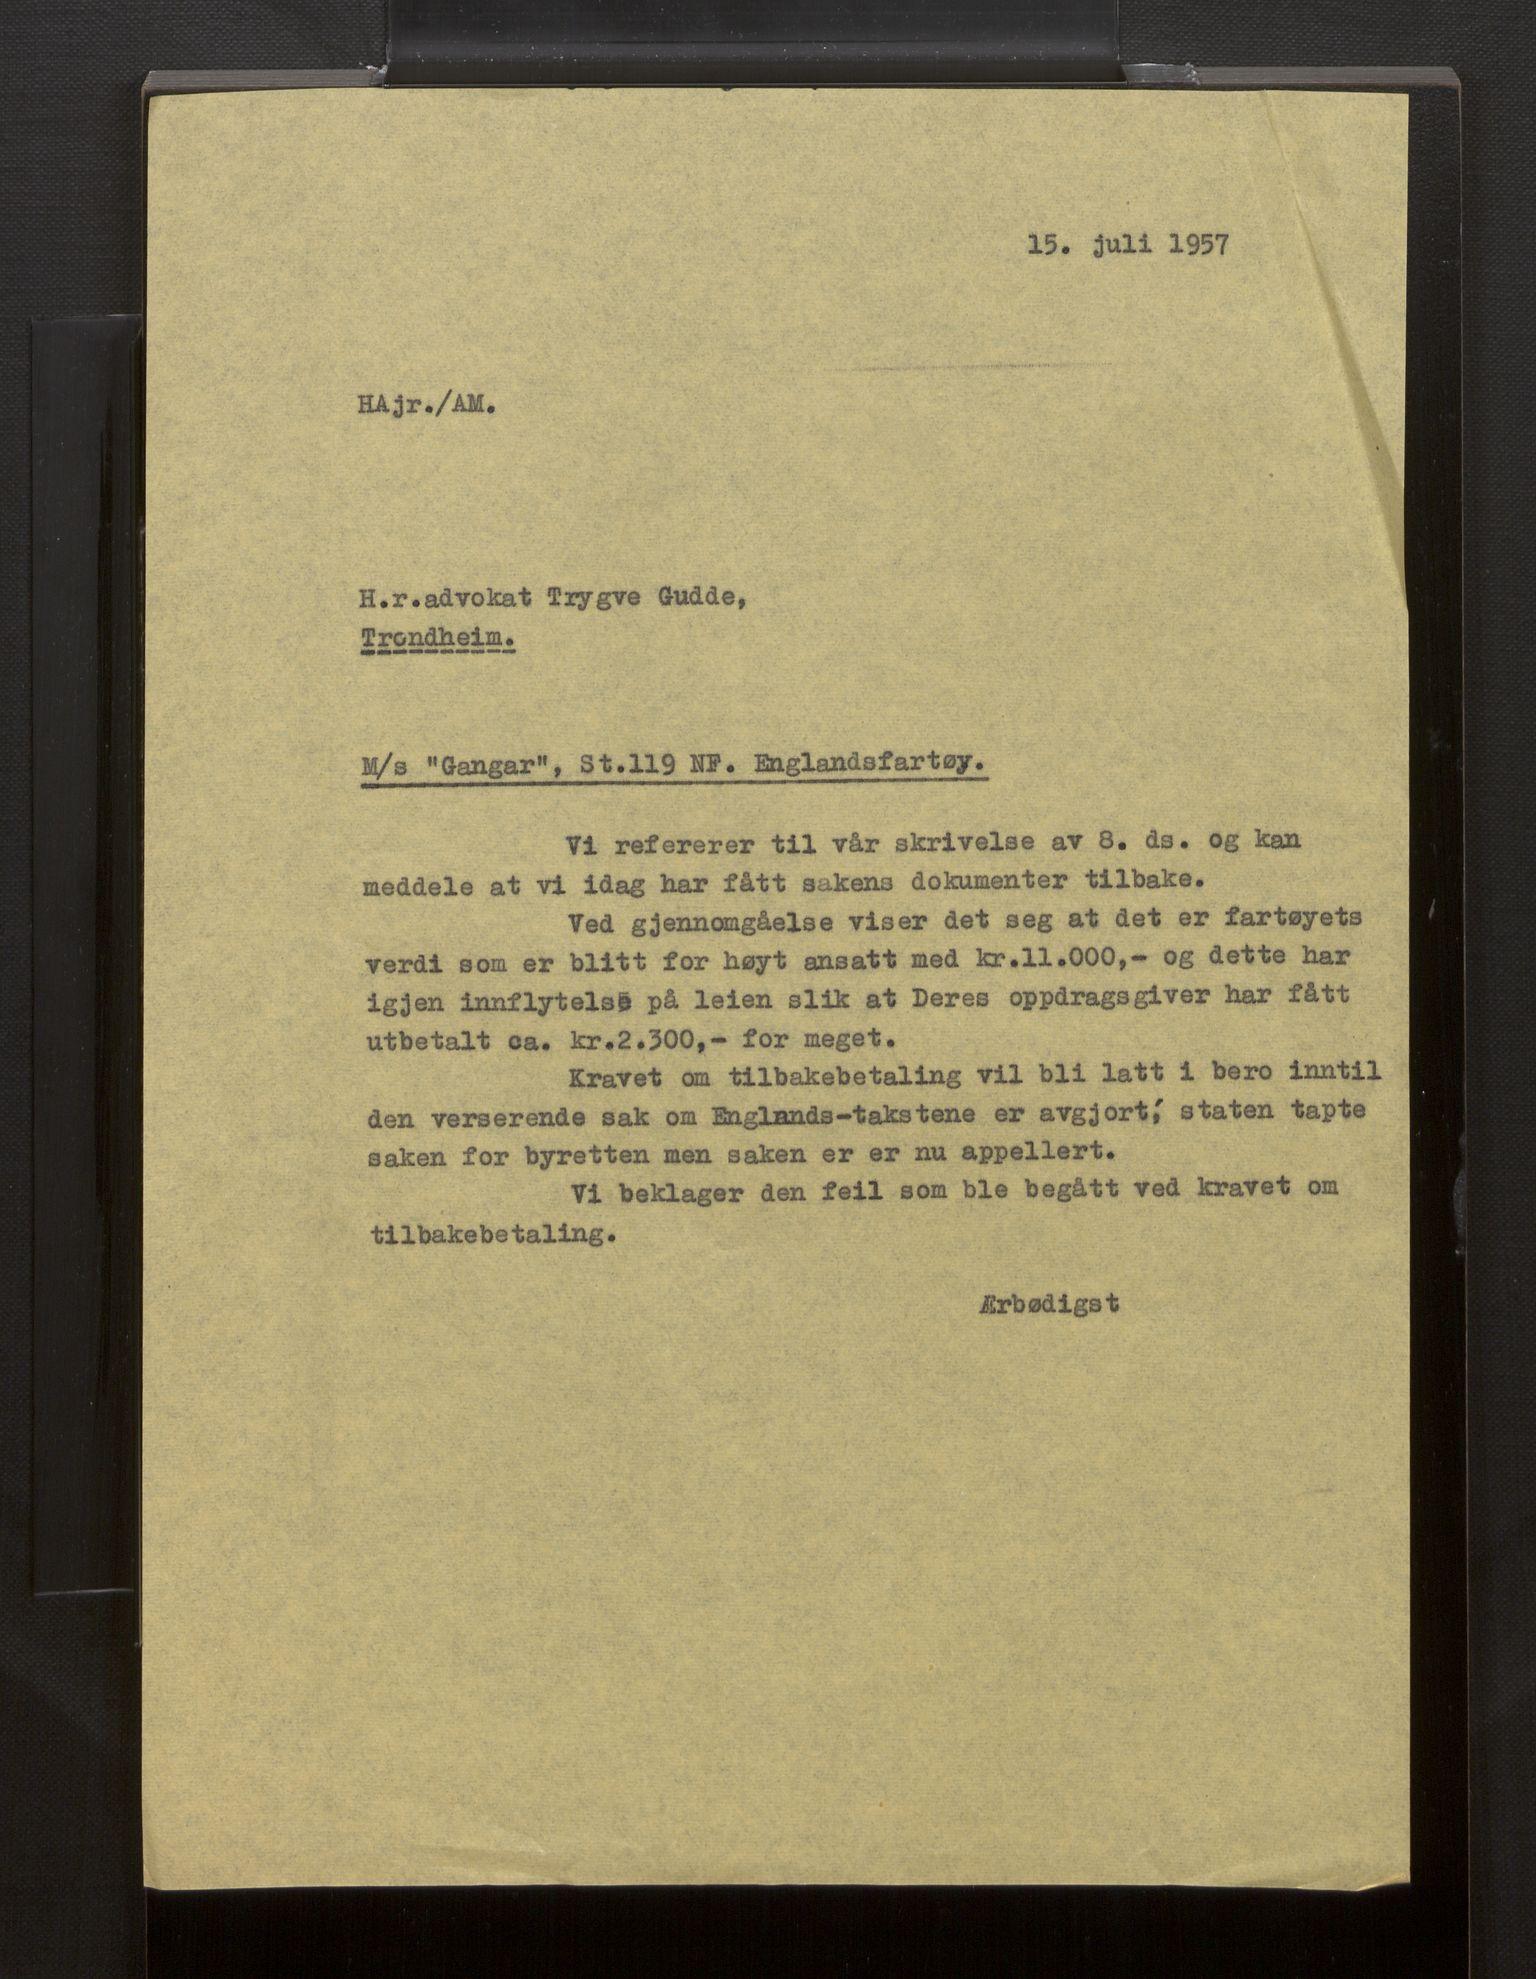 SAB, Fiskeridirektoratet - 1 Adm. ledelse - 13 Båtkontoret, La/L0042: Statens krigsforsikring for fiskeflåten, 1936-1971, p. 112